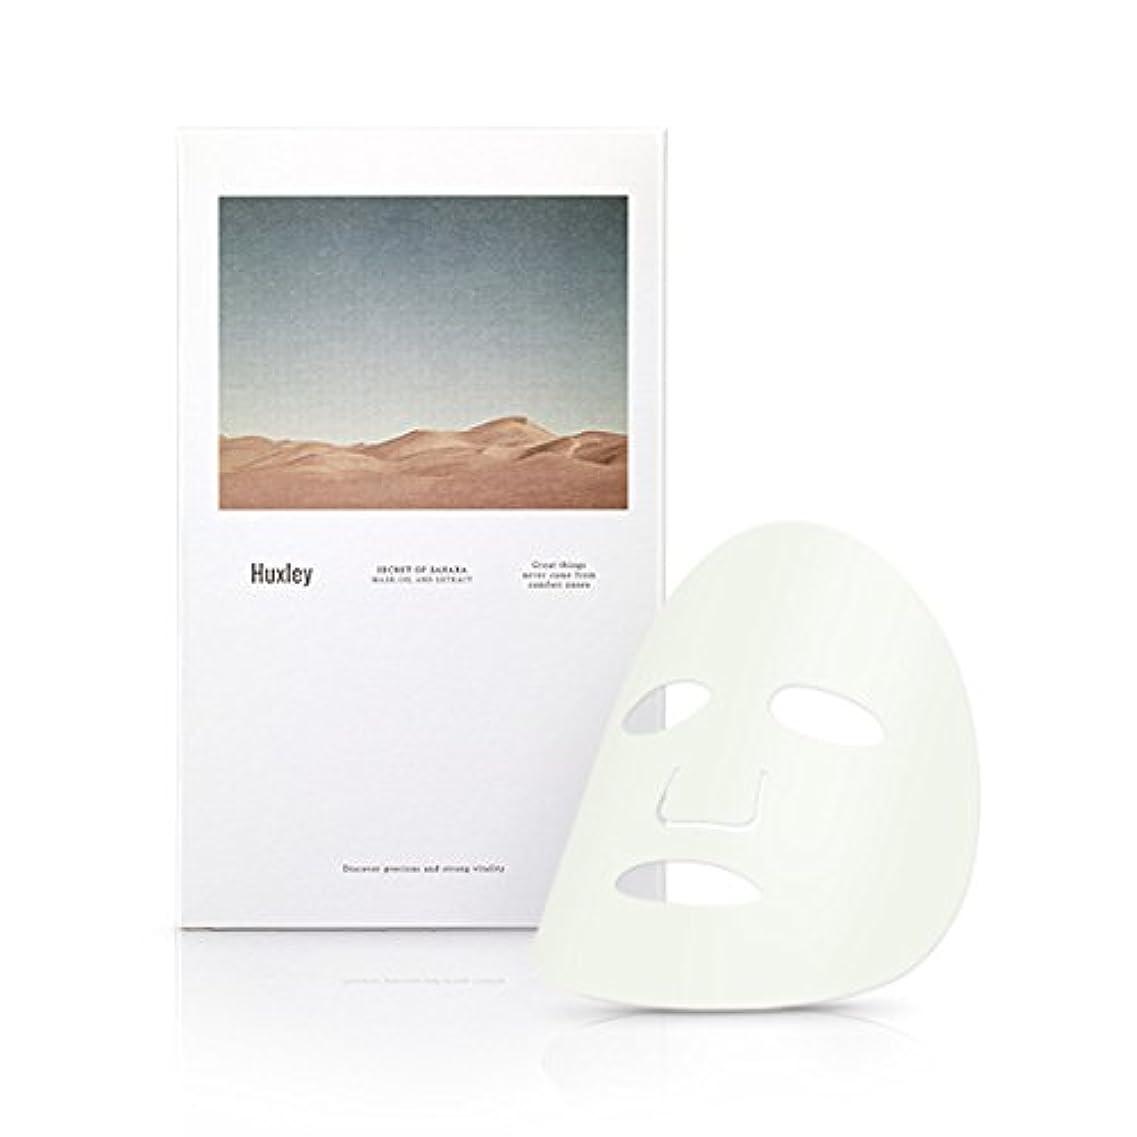 排泄するグッゲンハイム美術館感性Huxley Mask;Oil And Extract 25ml × 3ea/ハクスリー マスク;オイル アンド エクストラクト 25ml × 3枚 [並行輸入品]